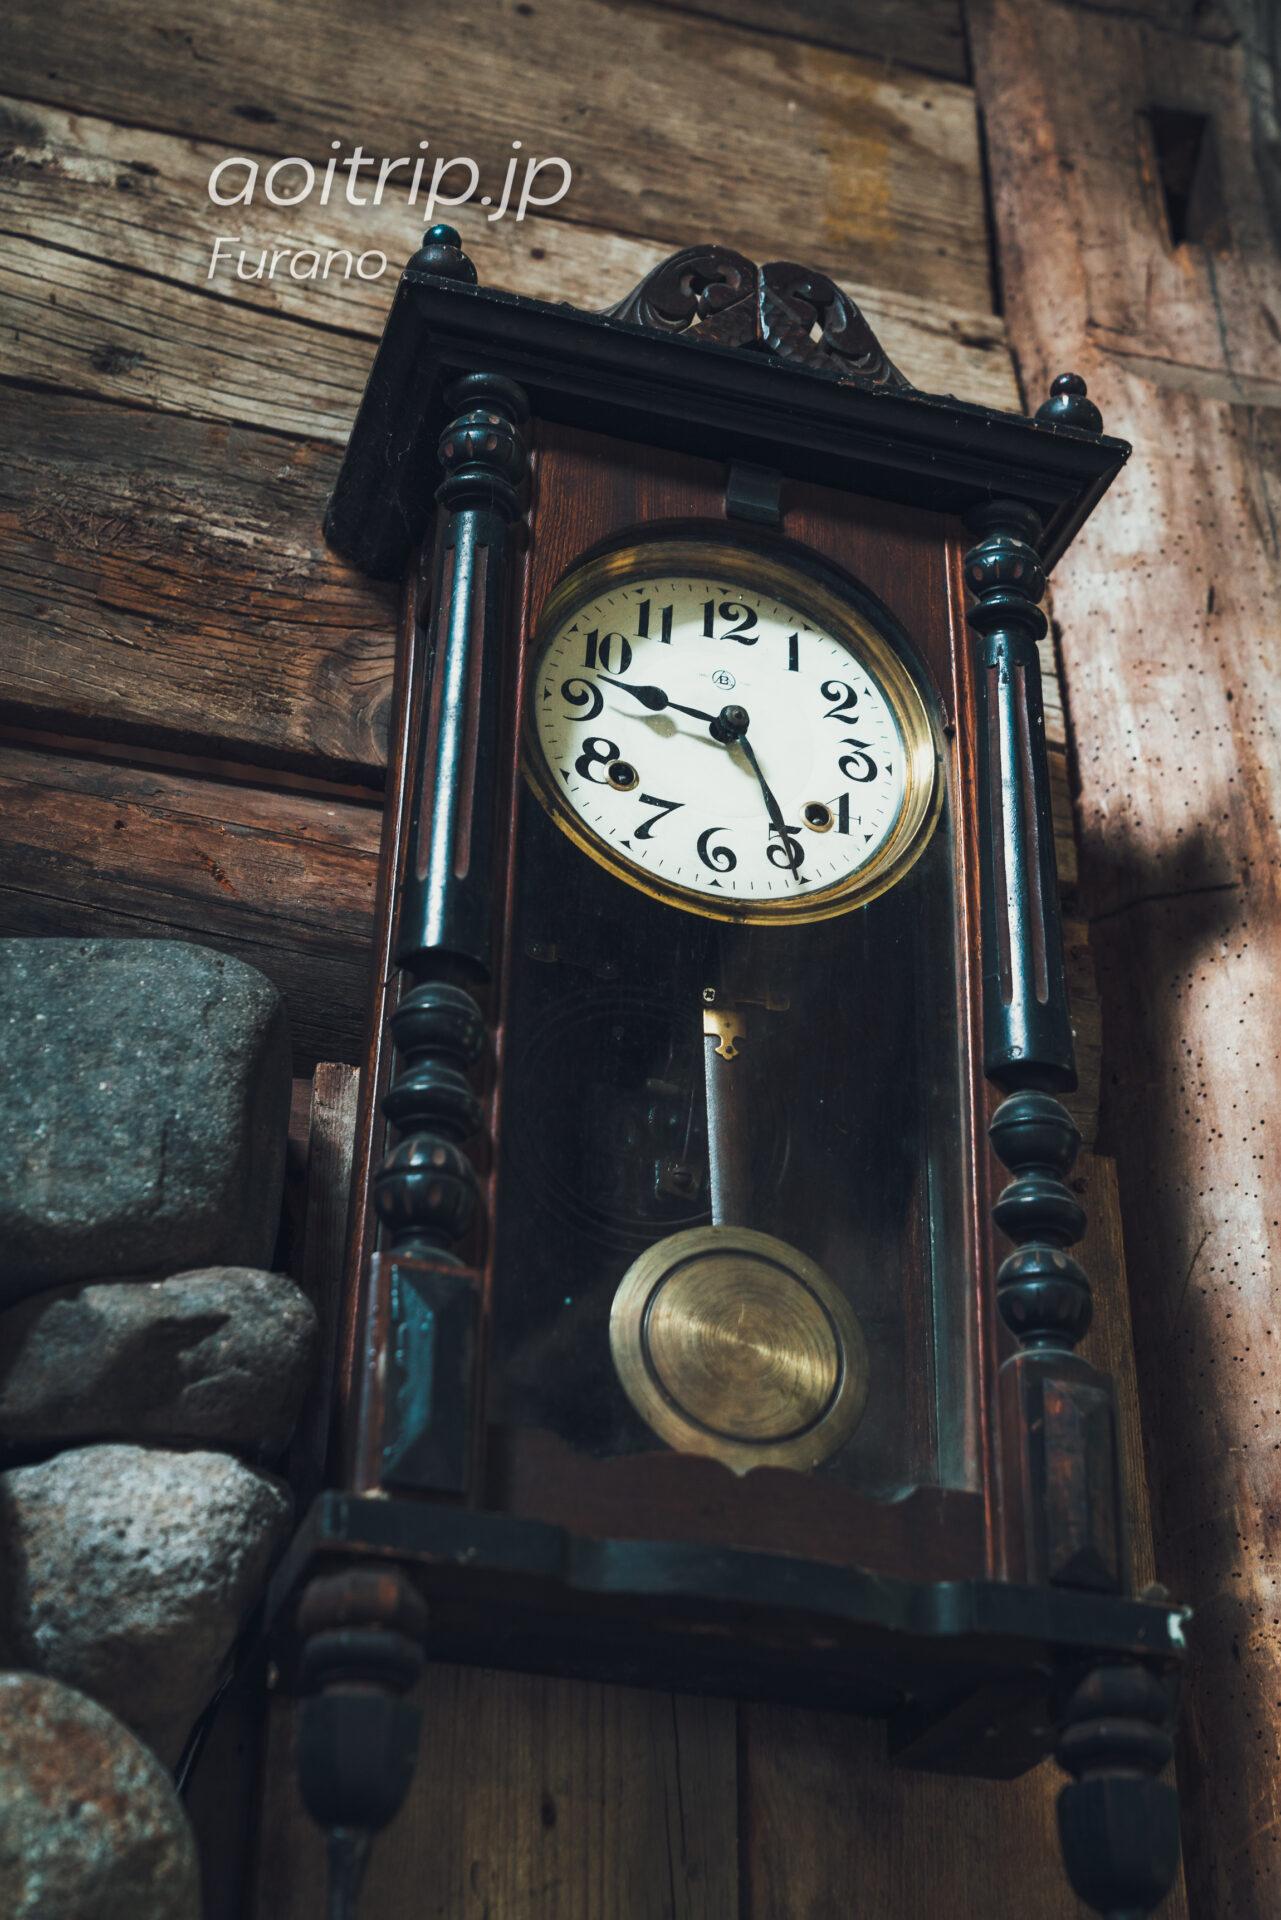 五郎の石の家(Goro's Stone House) シュウが五郎に贈った時計